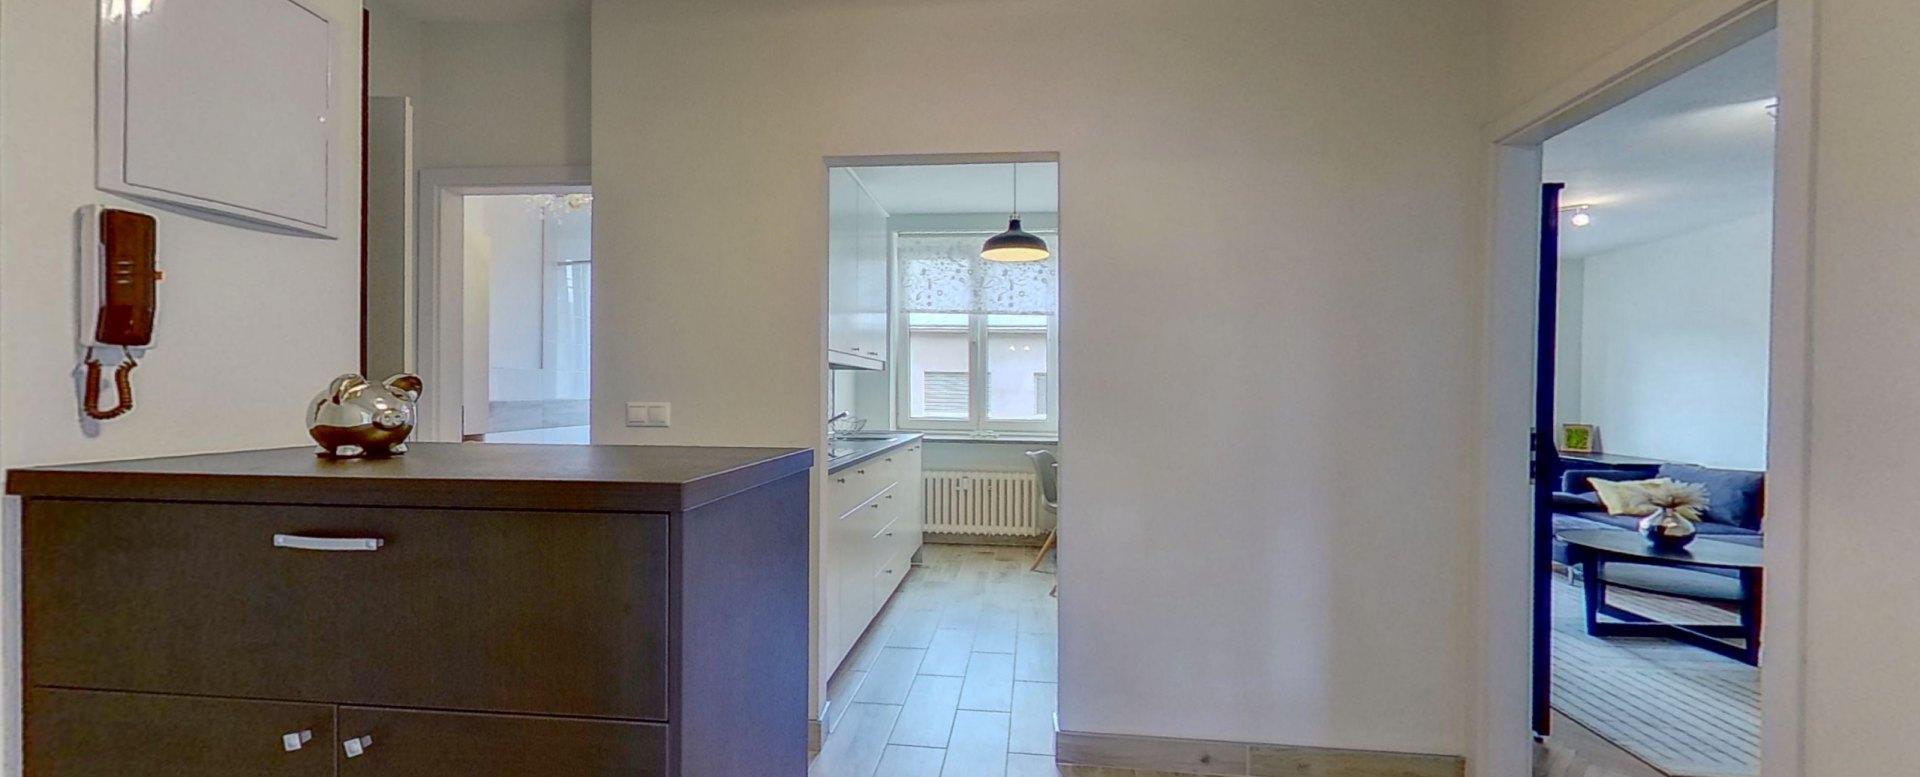 Predsieň a pohľad do kuchyne